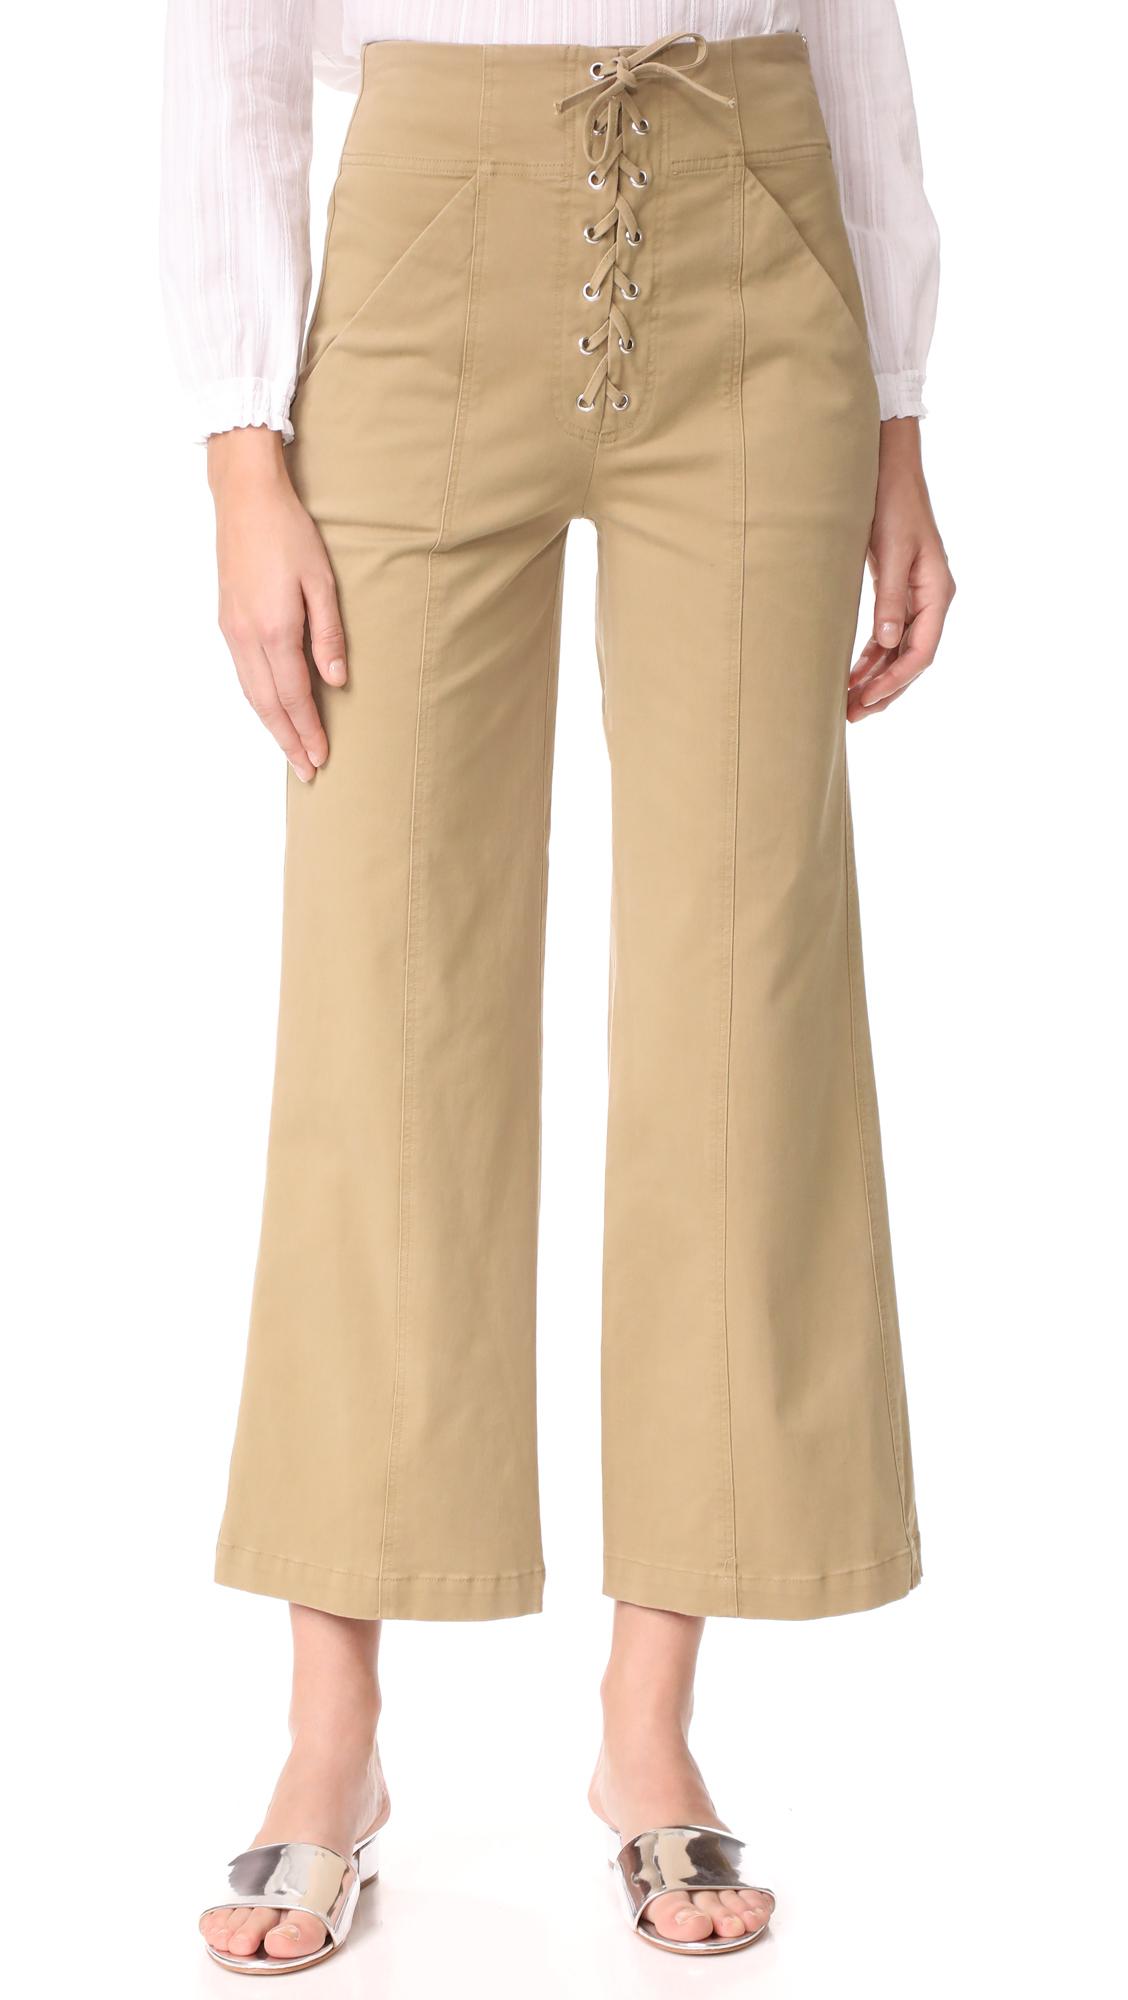 A.L.C. Kyt Pants - Khaki